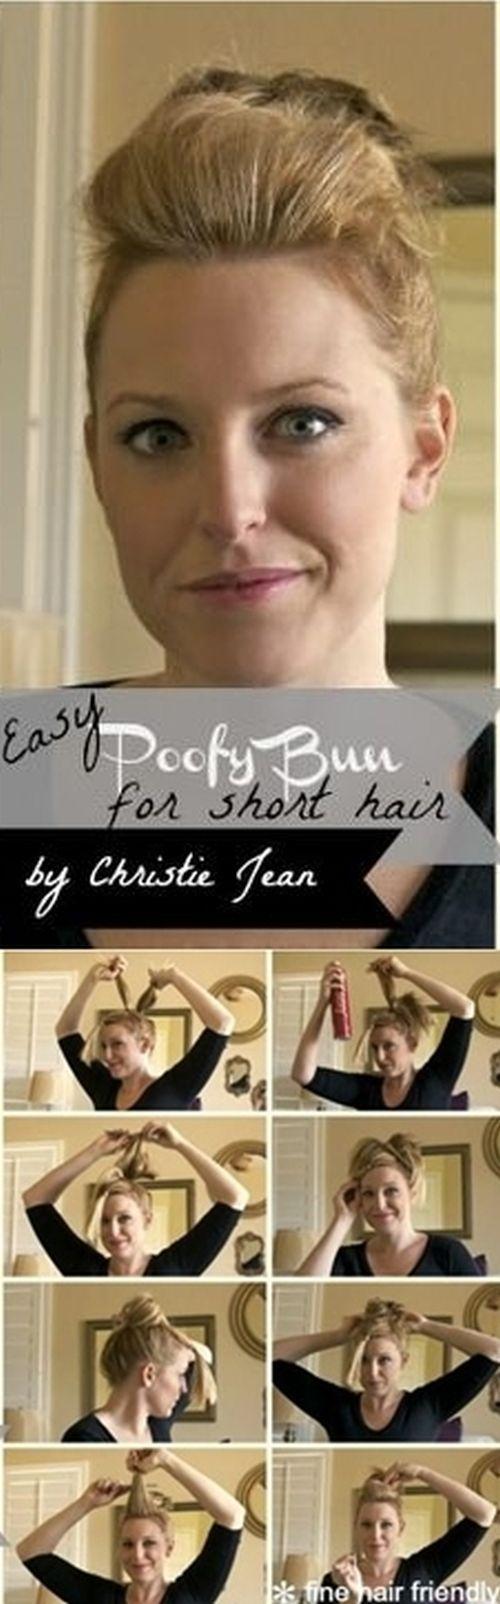 Easy Poofy Bun for Short Hair